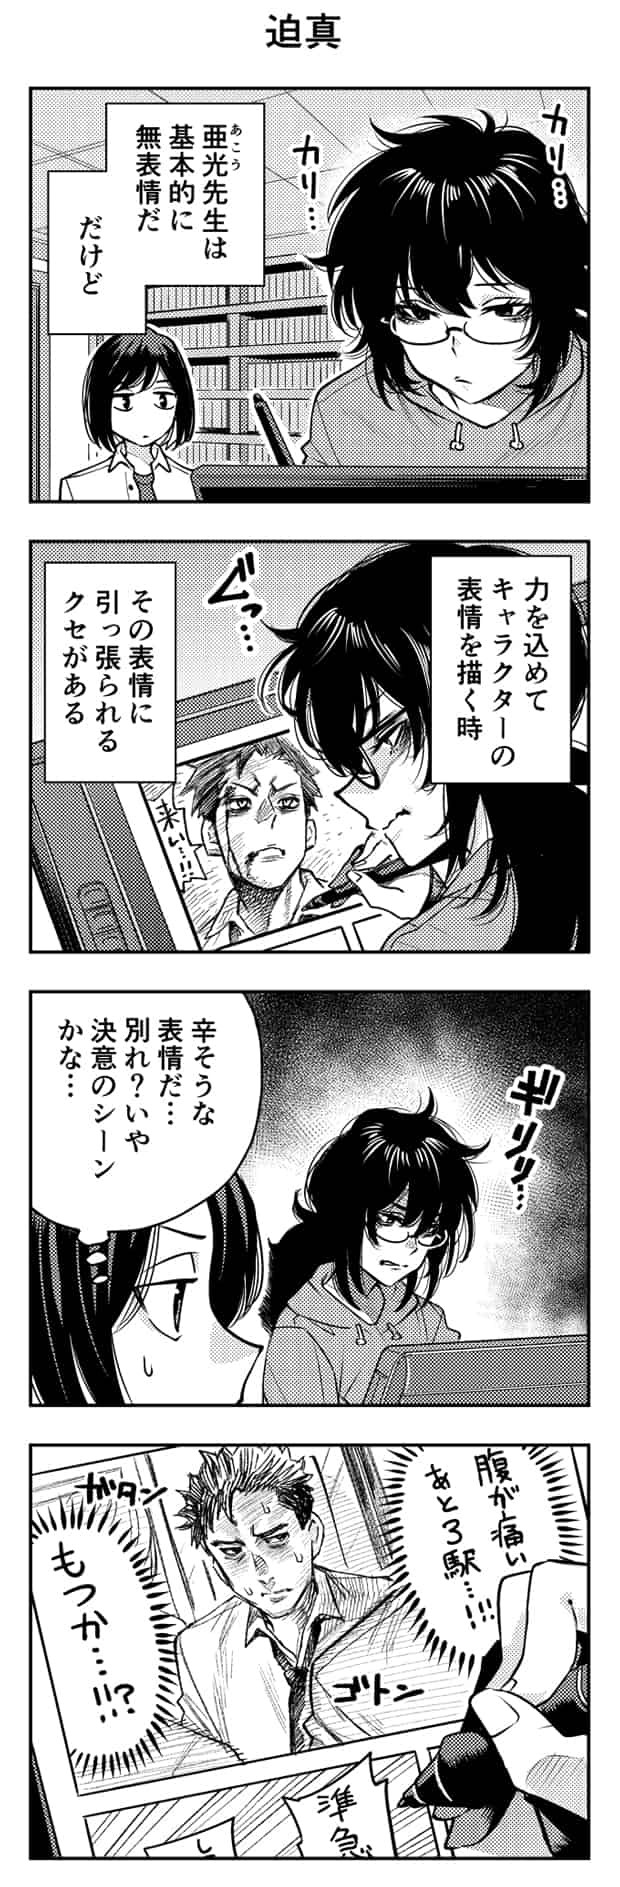 凸ノ高秀 トンデモワーク 漫画 漫画家 少年ジャンプ タウンワークマガジン